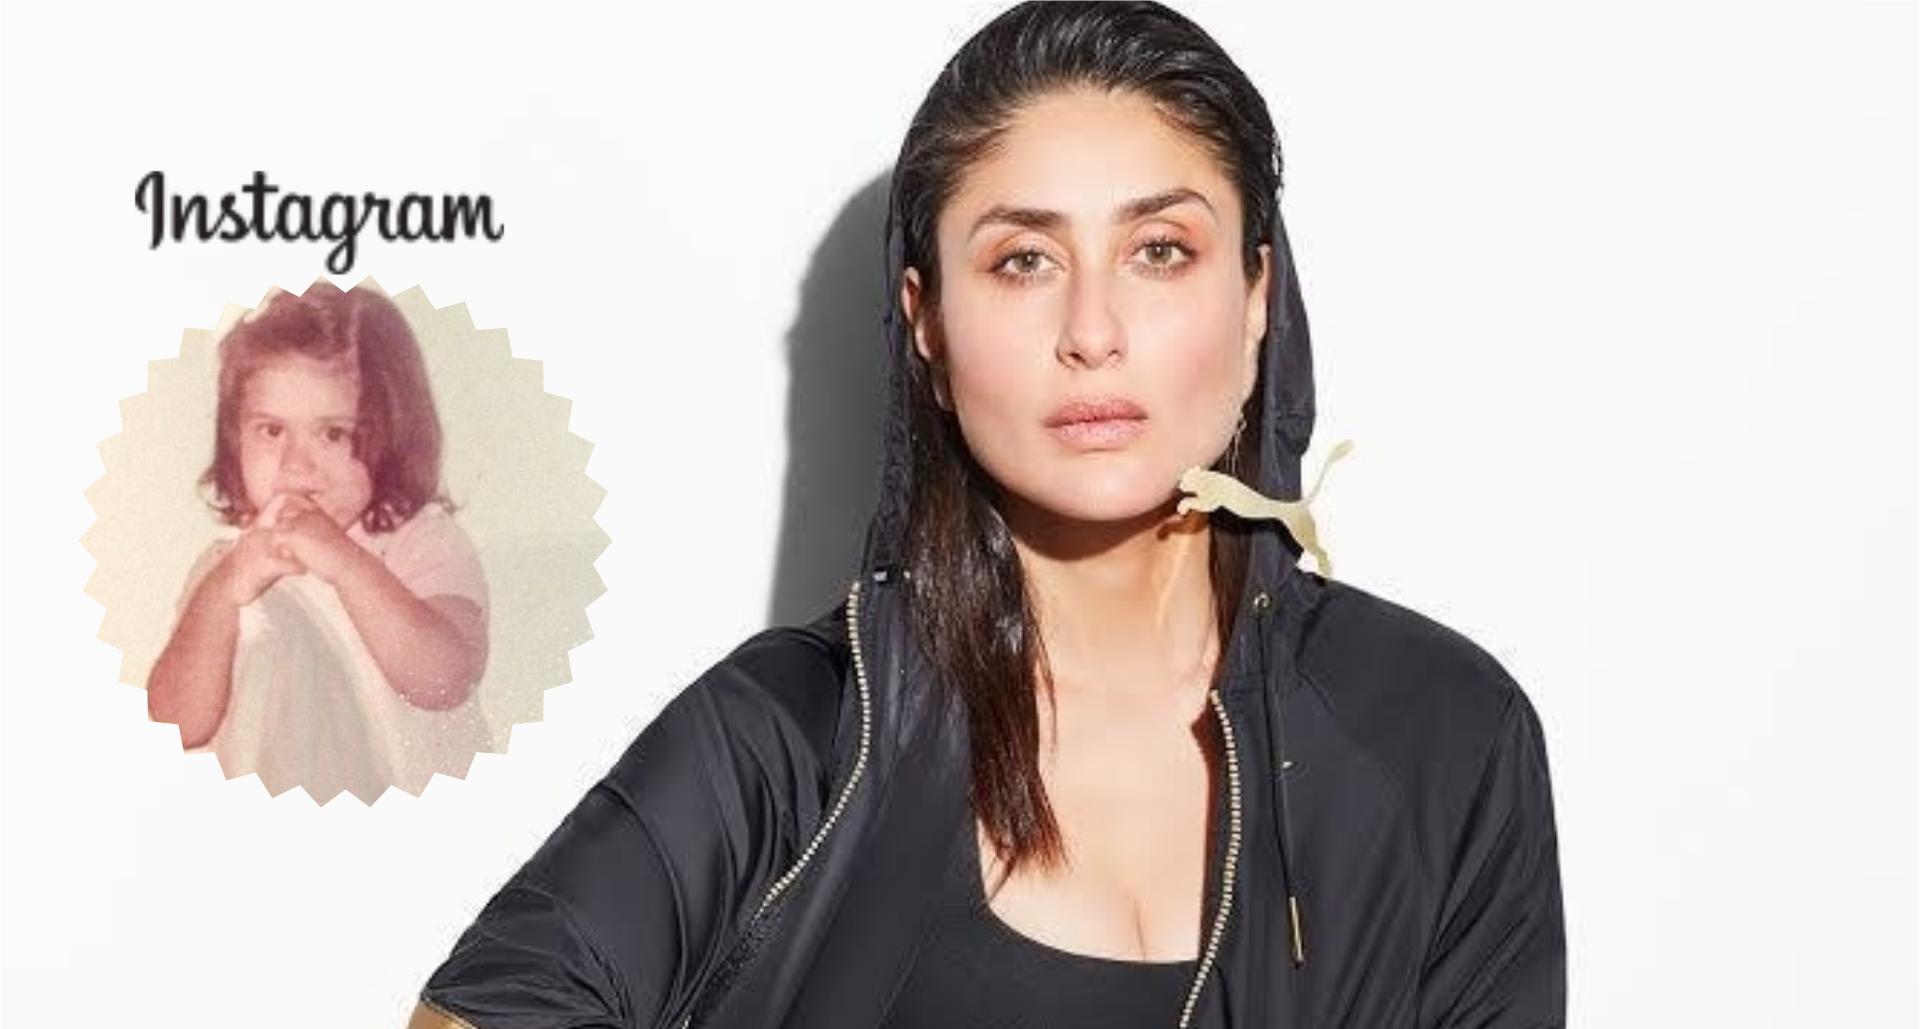 Kareena Kapoor Khan ने इंस्टाग्राम पर दी दस्तक, प्रोफाइल पिक्चर को तो आप देखते ही रह जाएंगे